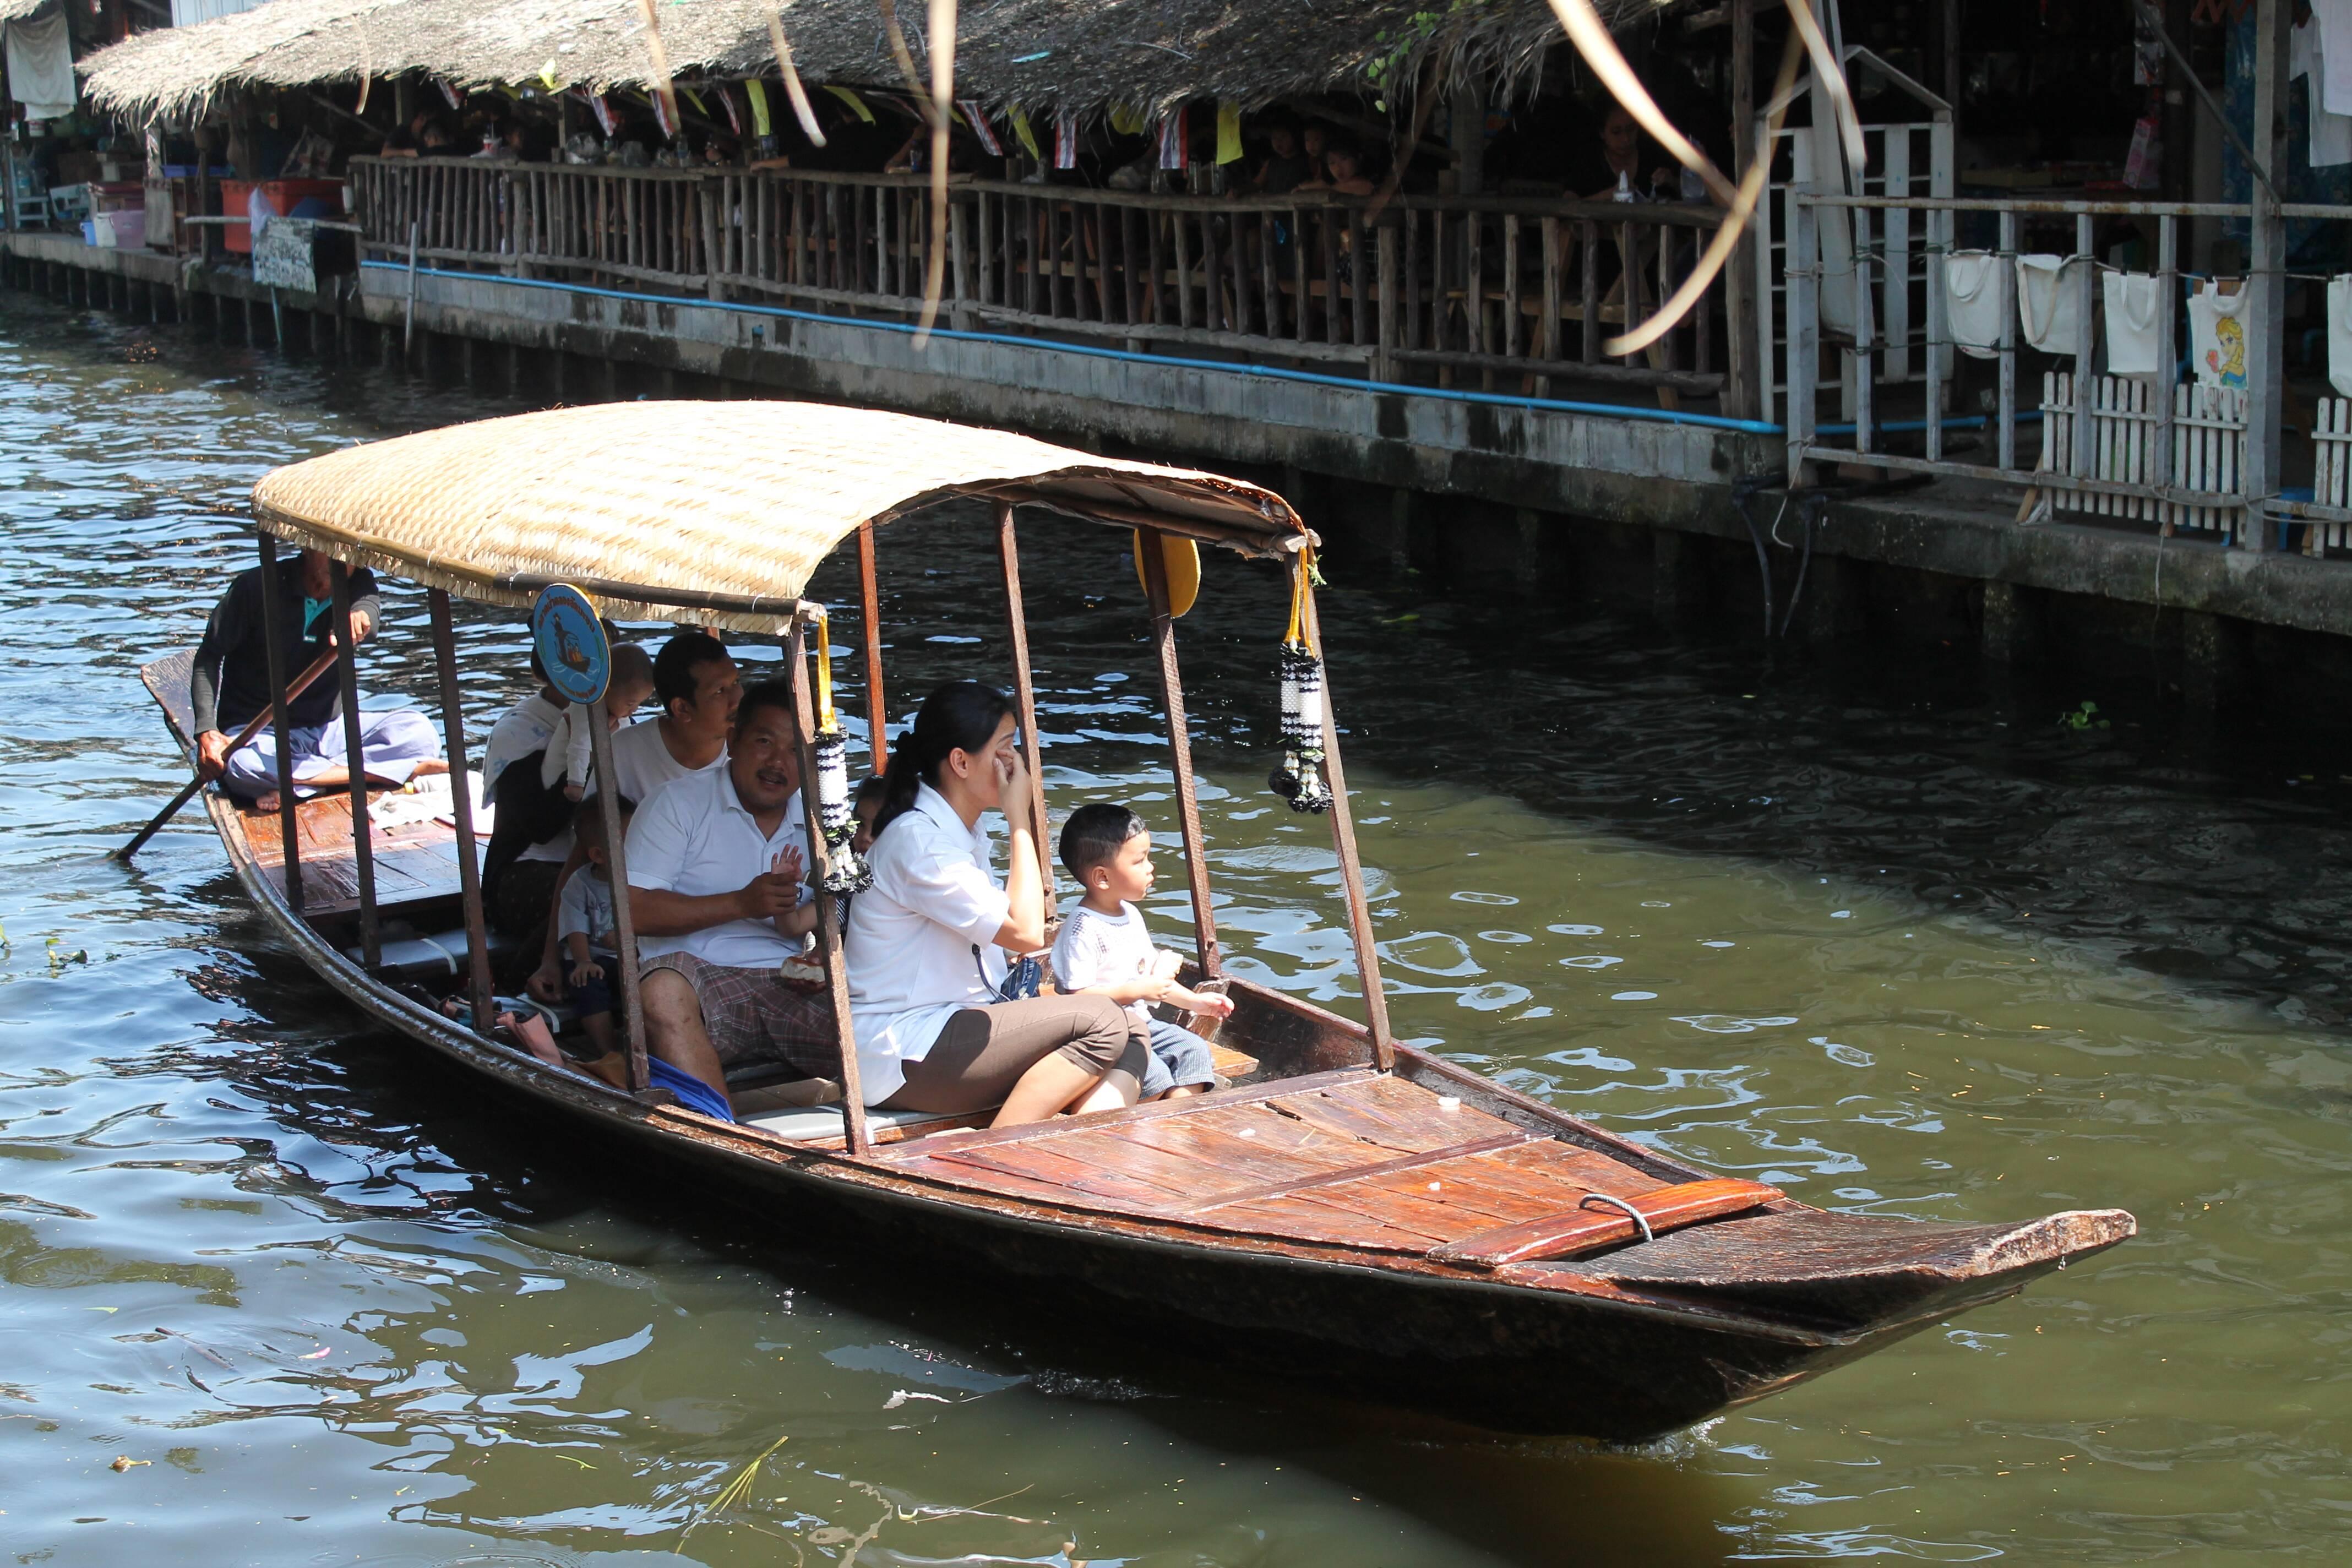 Moradores locais passeando pelos canais. - Taling Chan